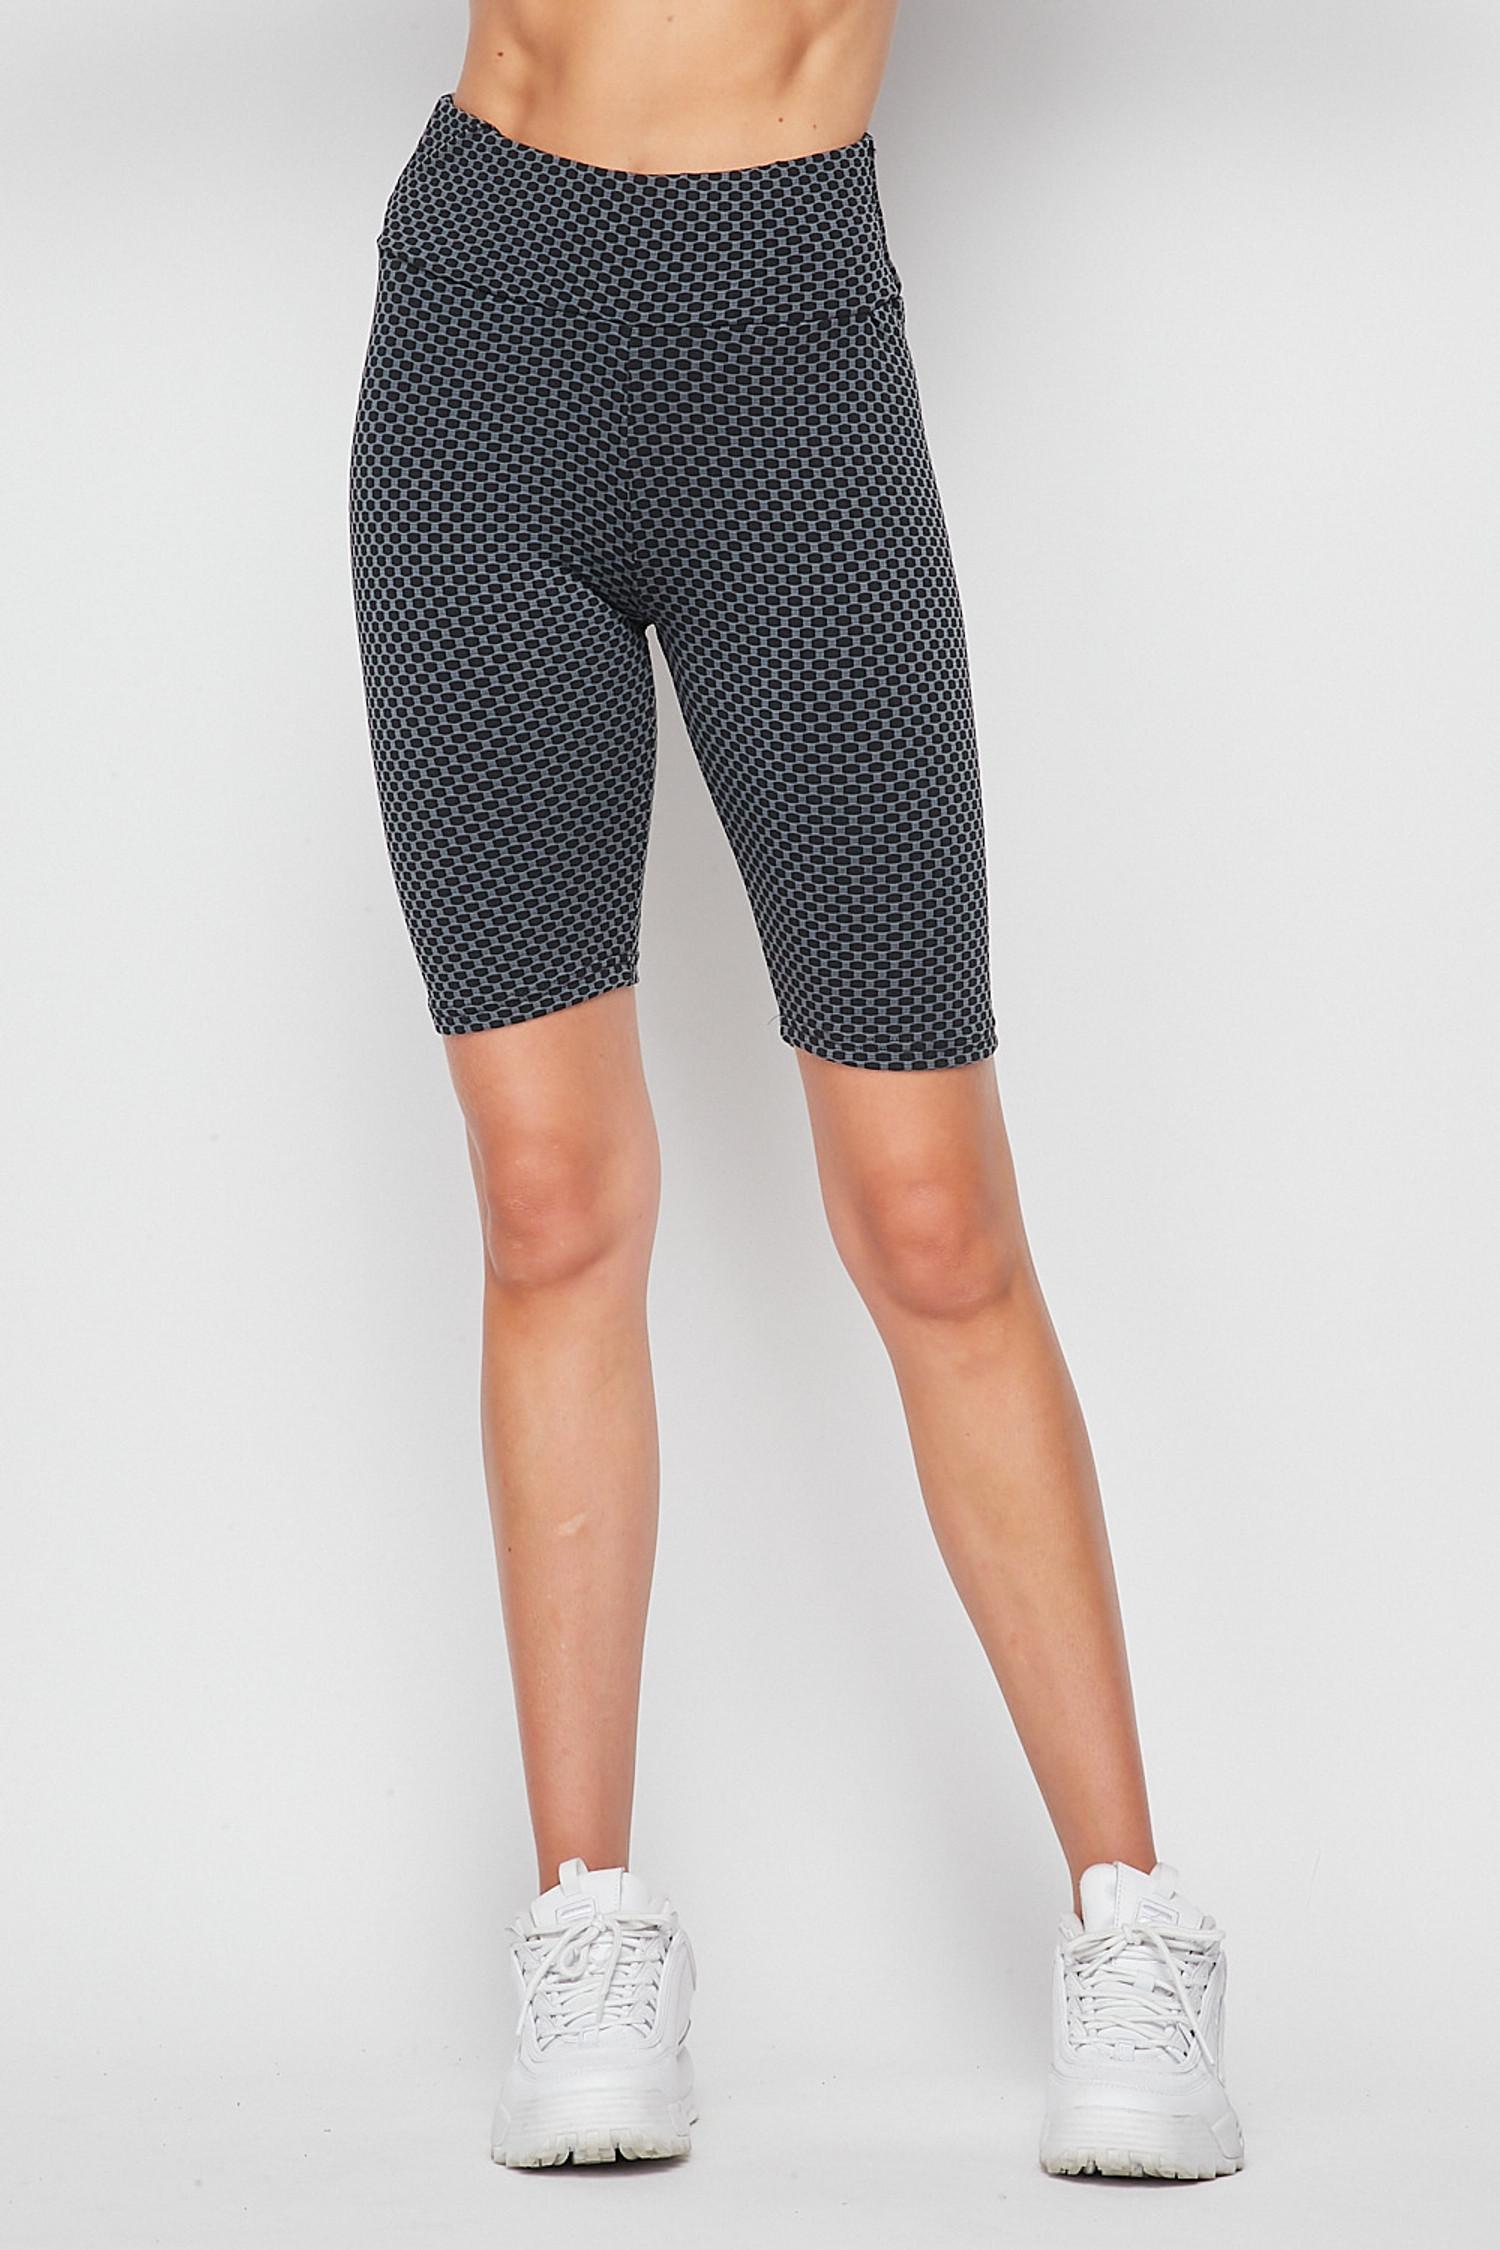 Scrunch Butt Sculpting High Waisted Biker Shorts